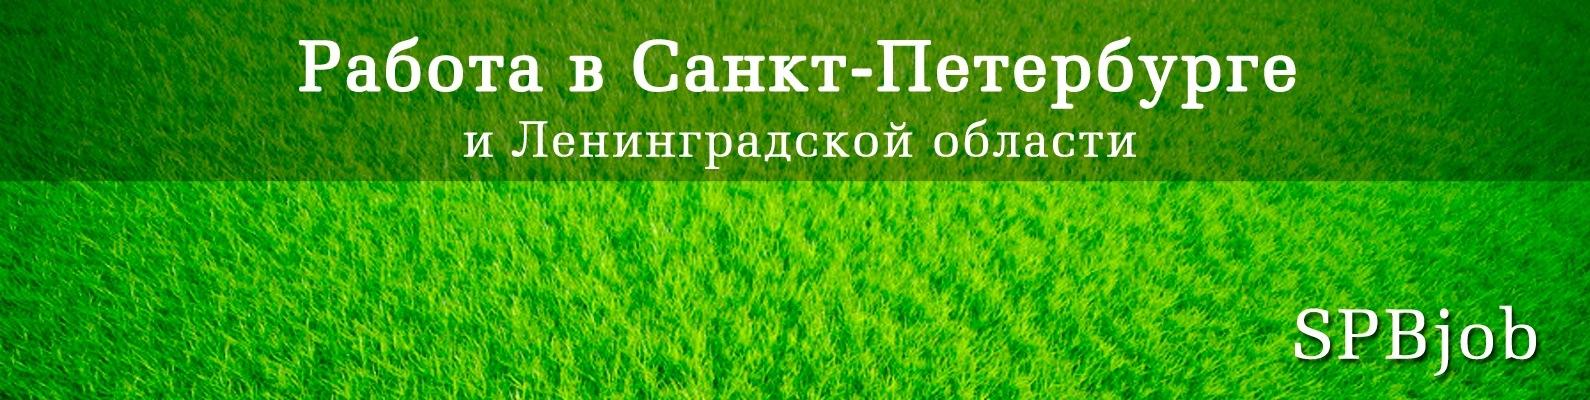 d6a761d8147c8 РАБОТА вакансии СПб | ВКонтакте